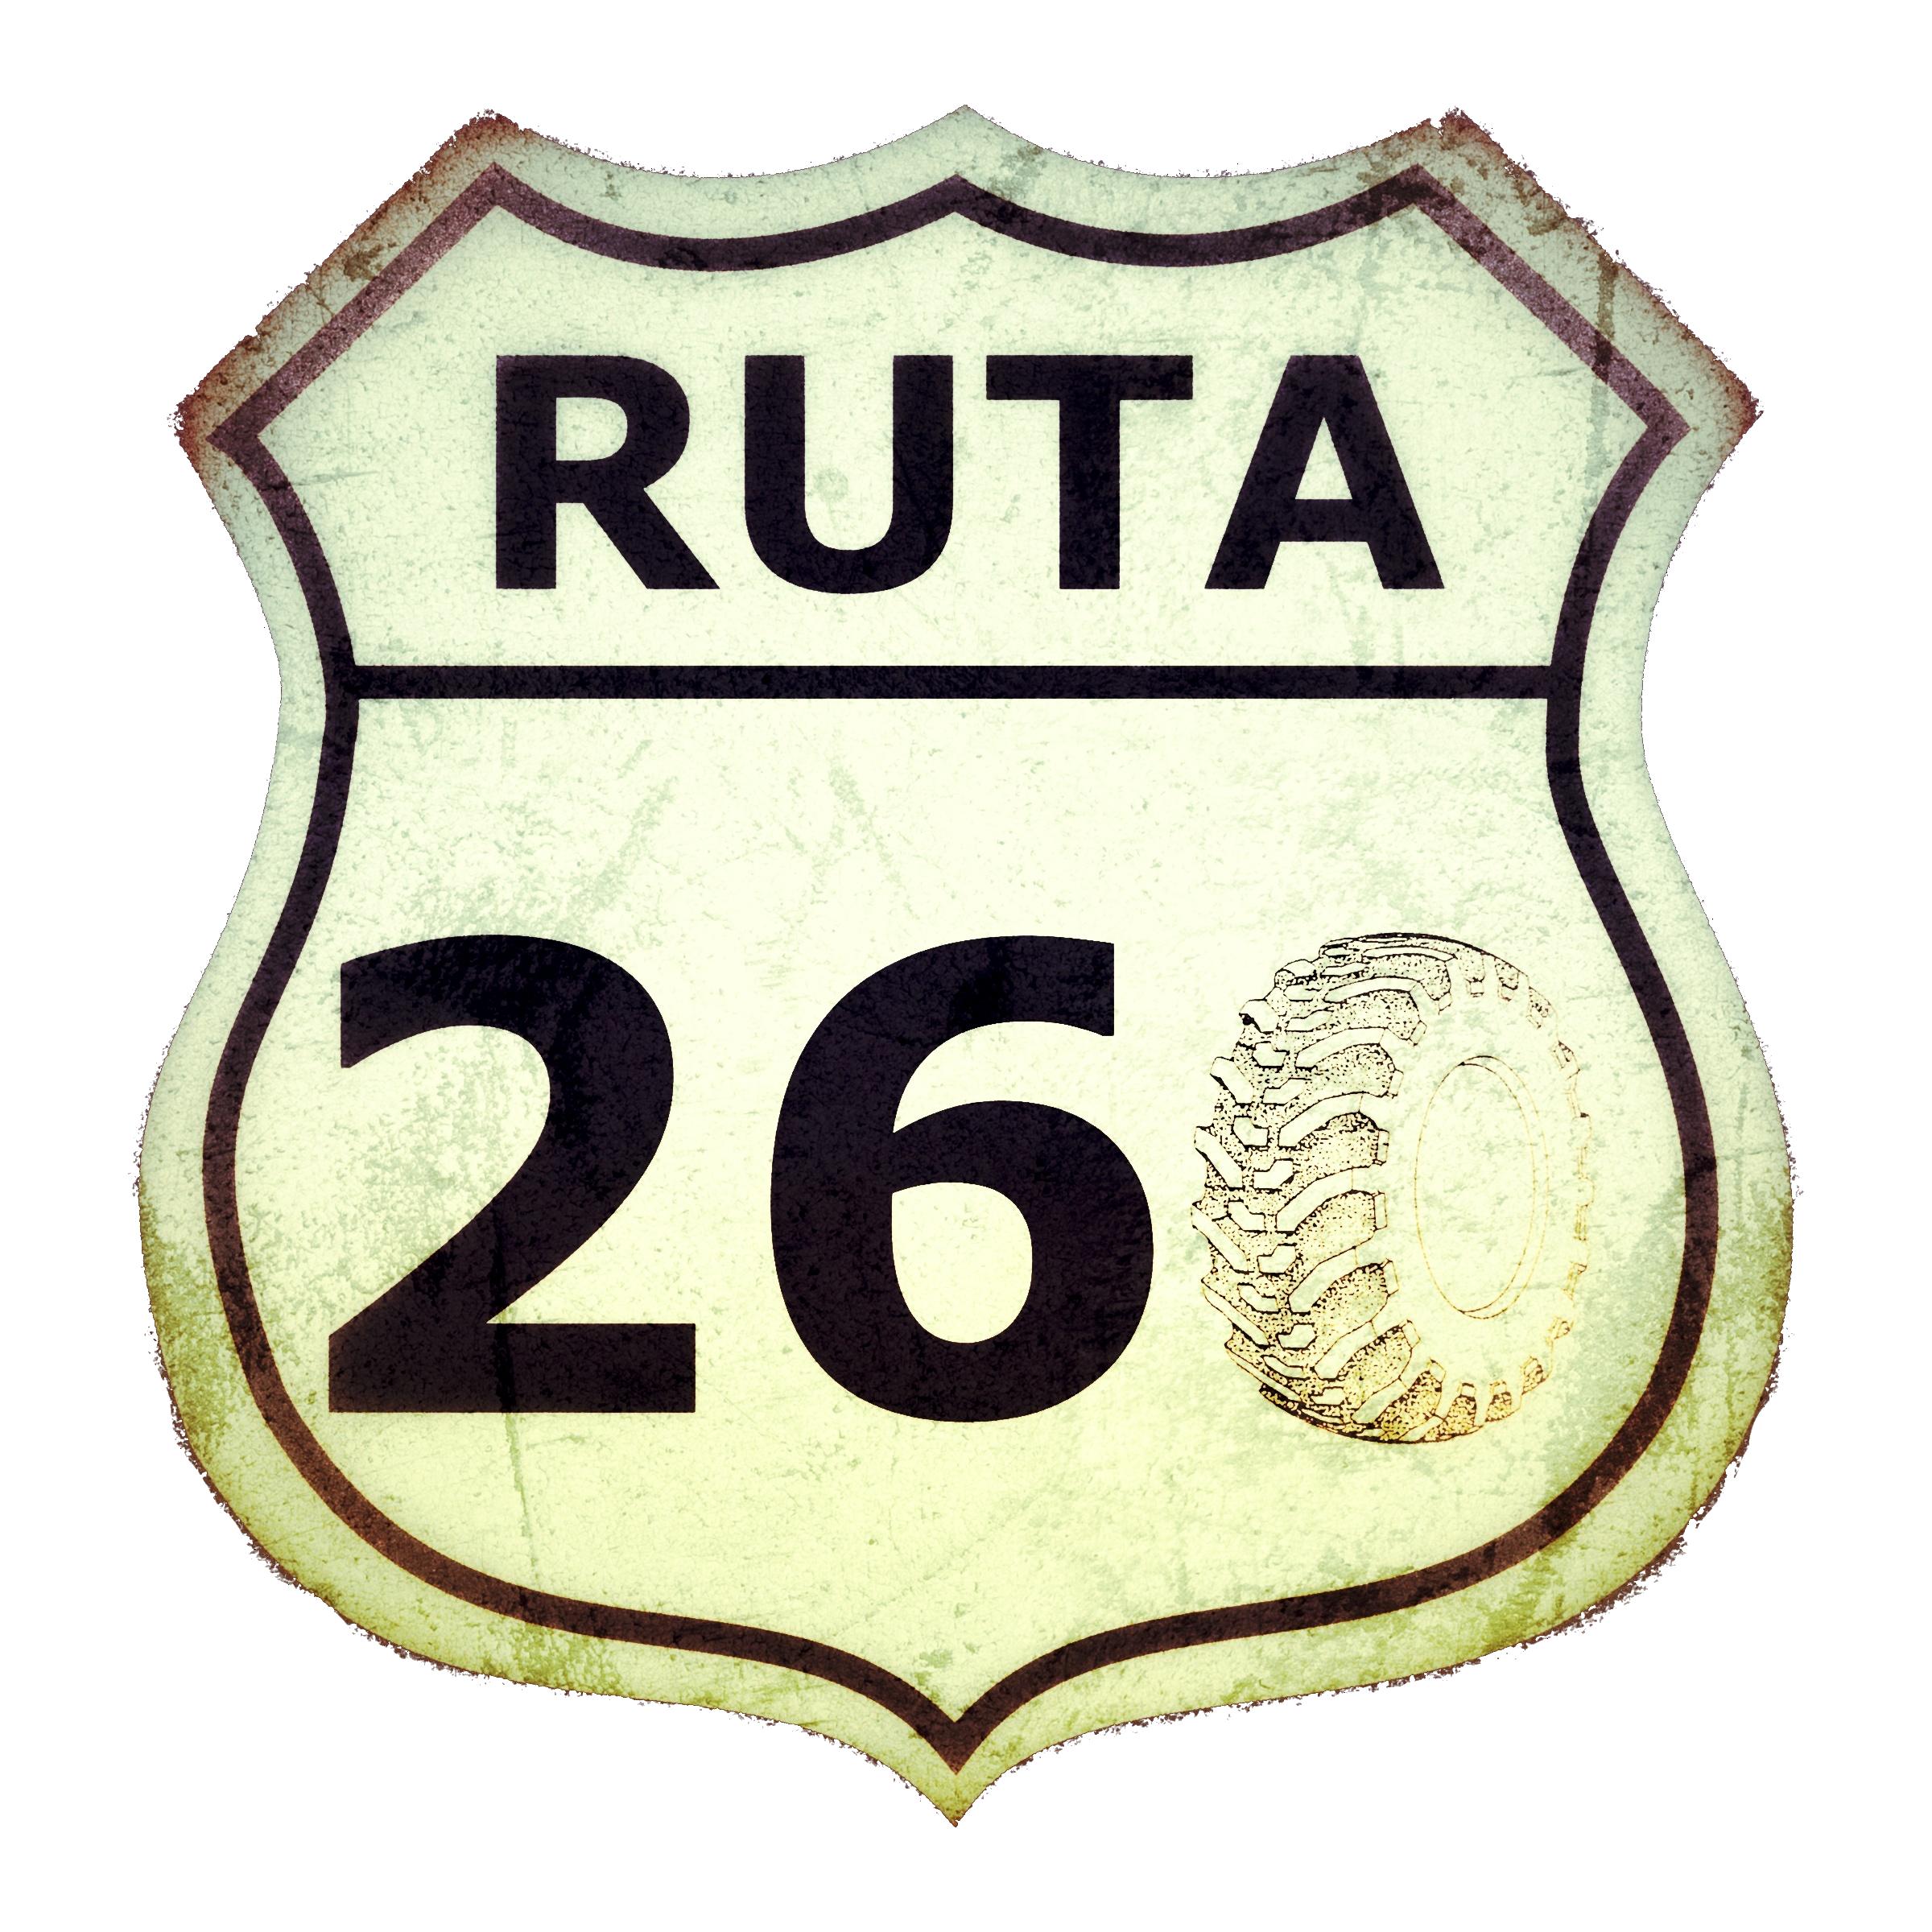 Ruta 260